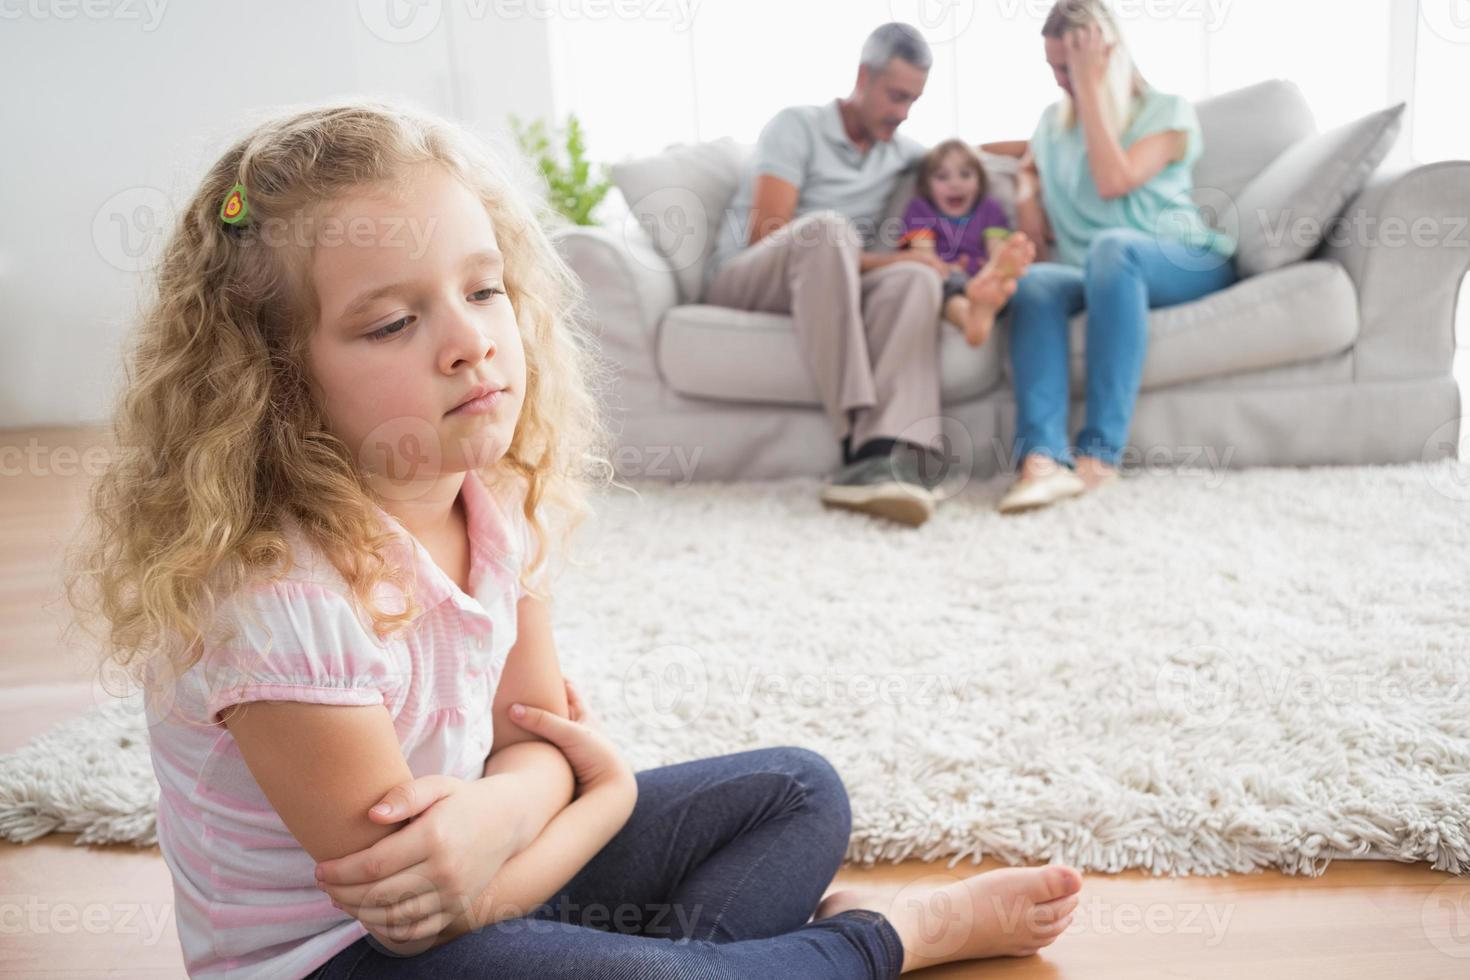 ragazza arrabbiata che si siede sul pavimento mentre i genitori godono con il fratello foto